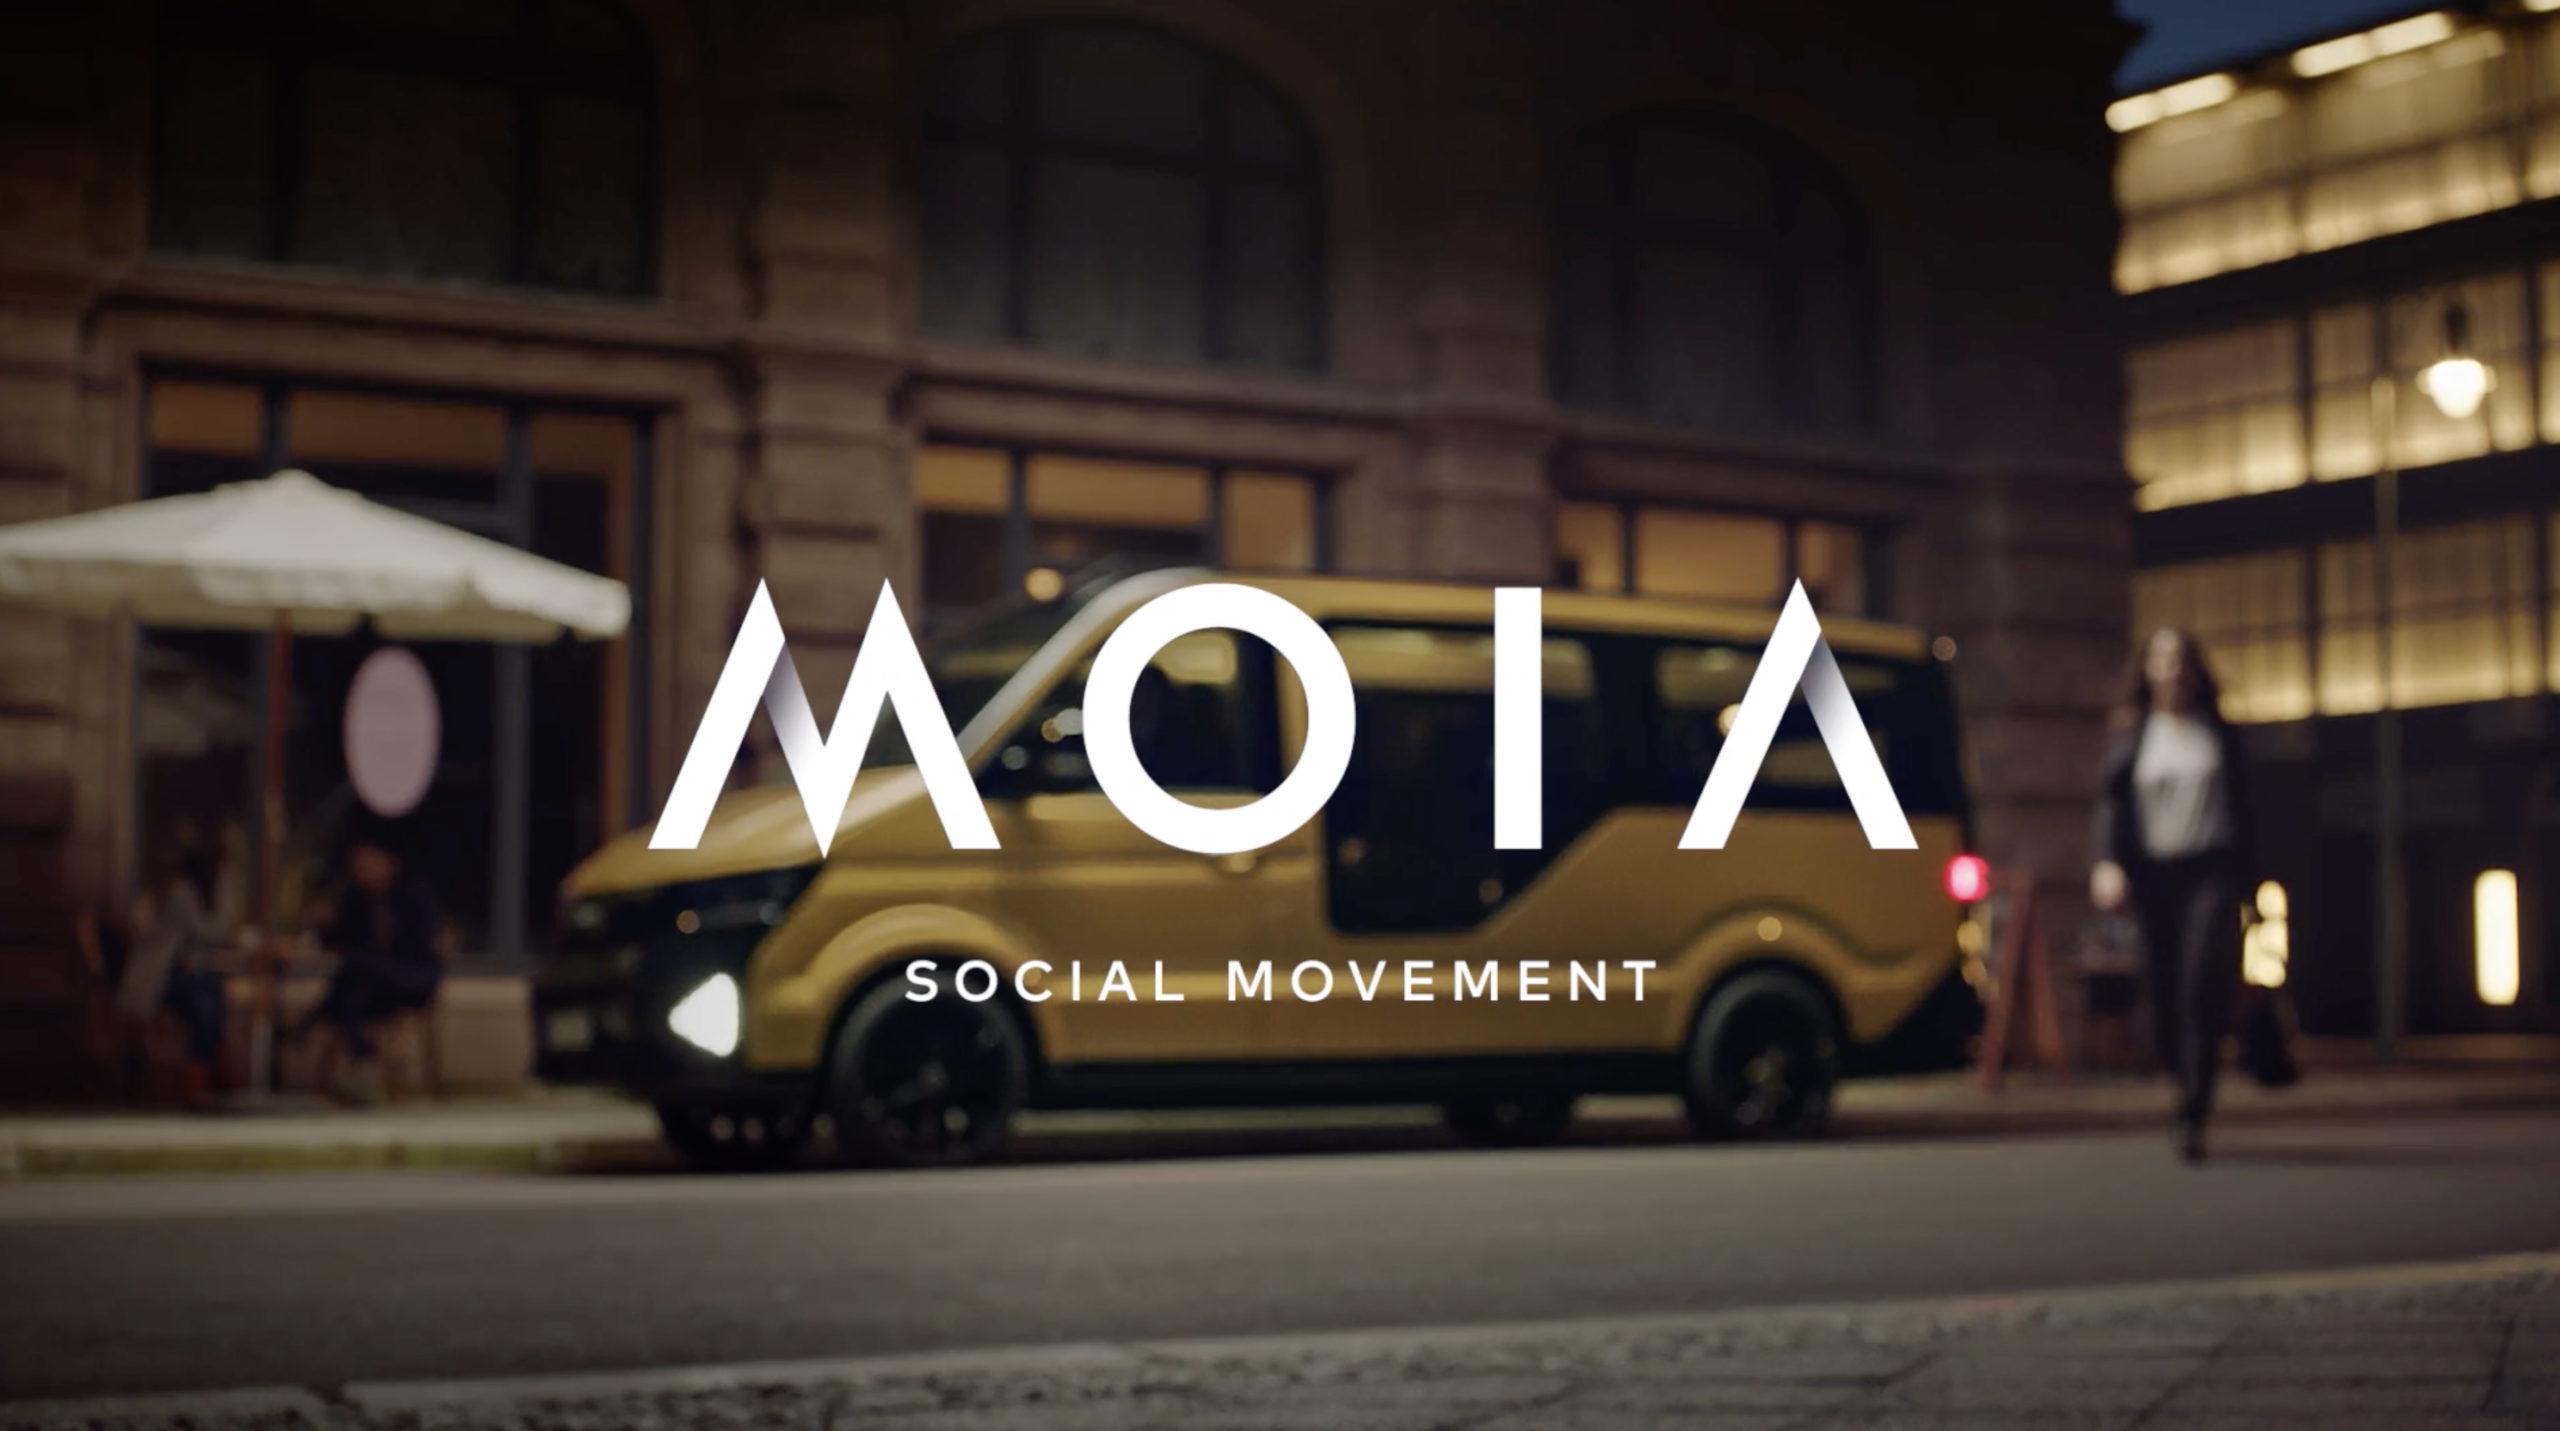 Volkswagen: MOIA